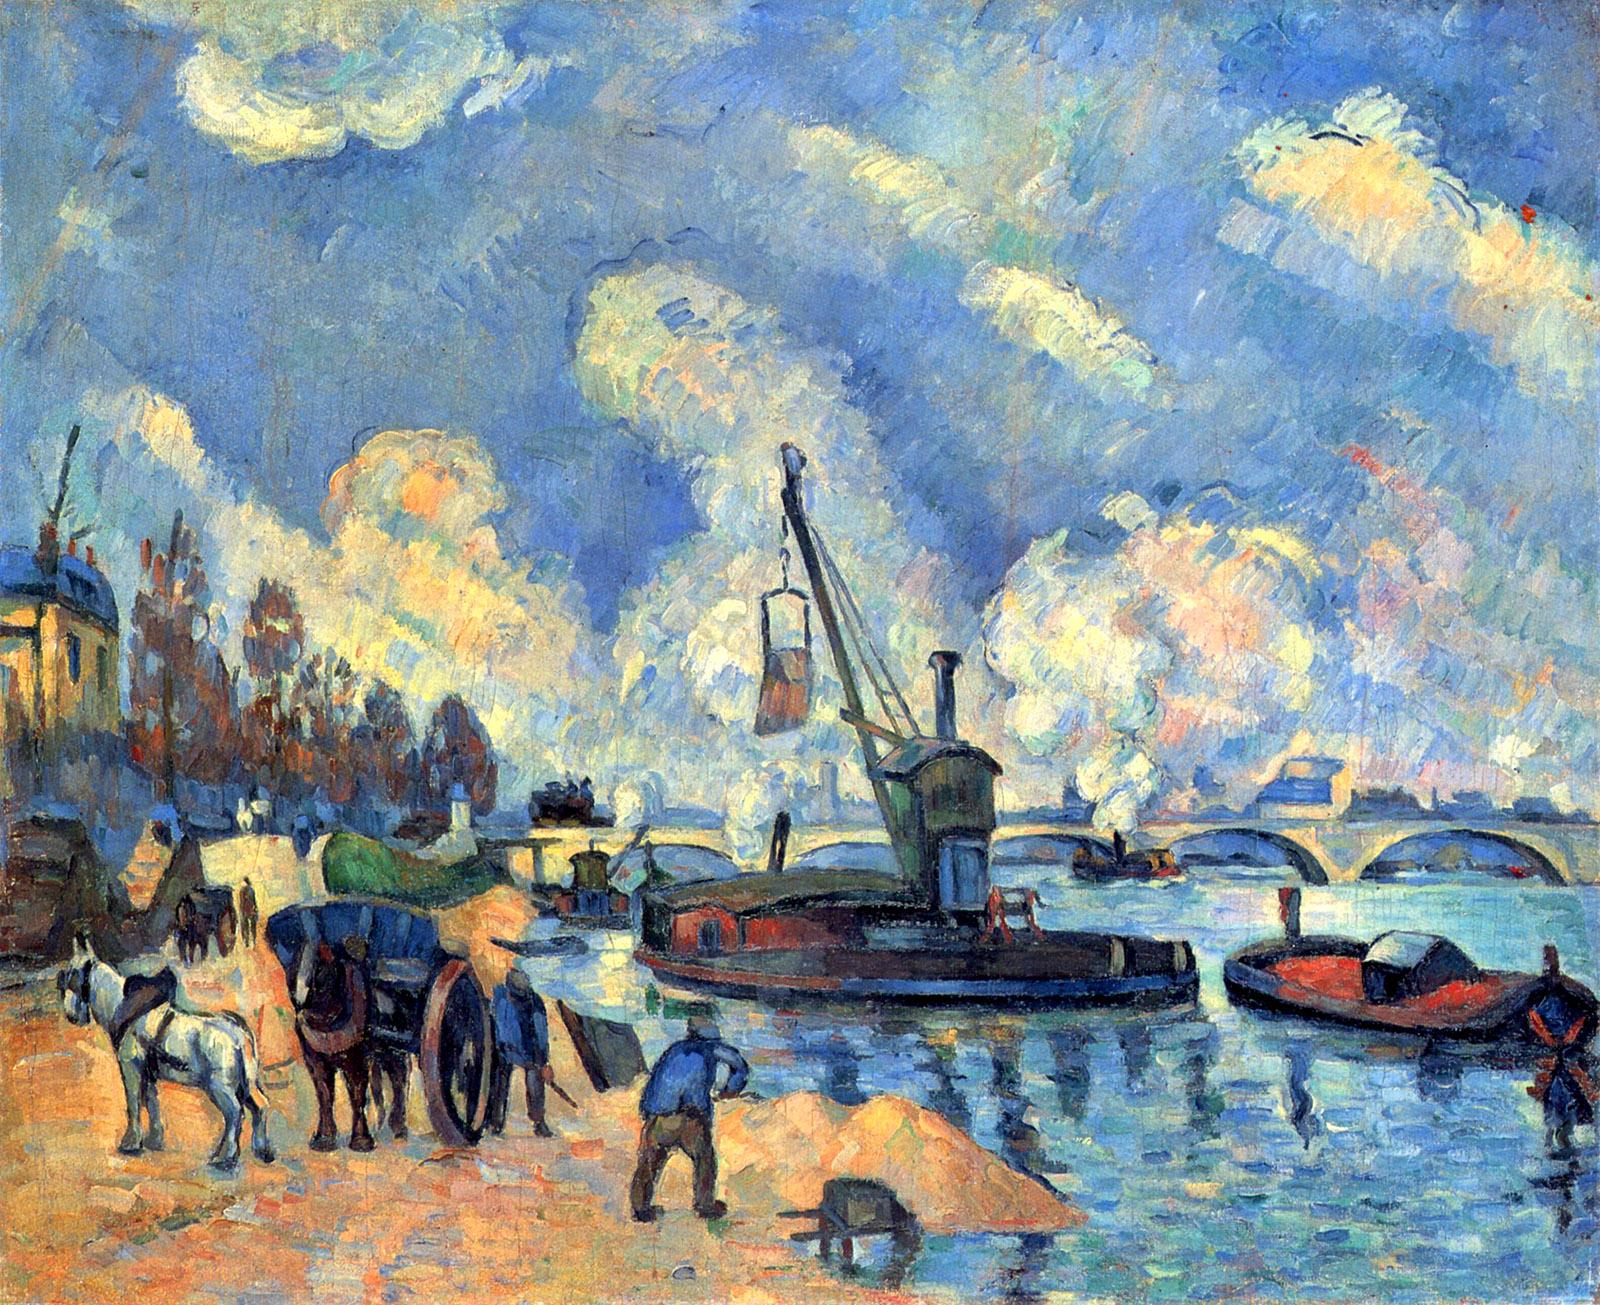 On the Quai de Bercy in Paris; painting by Paul Cézanne